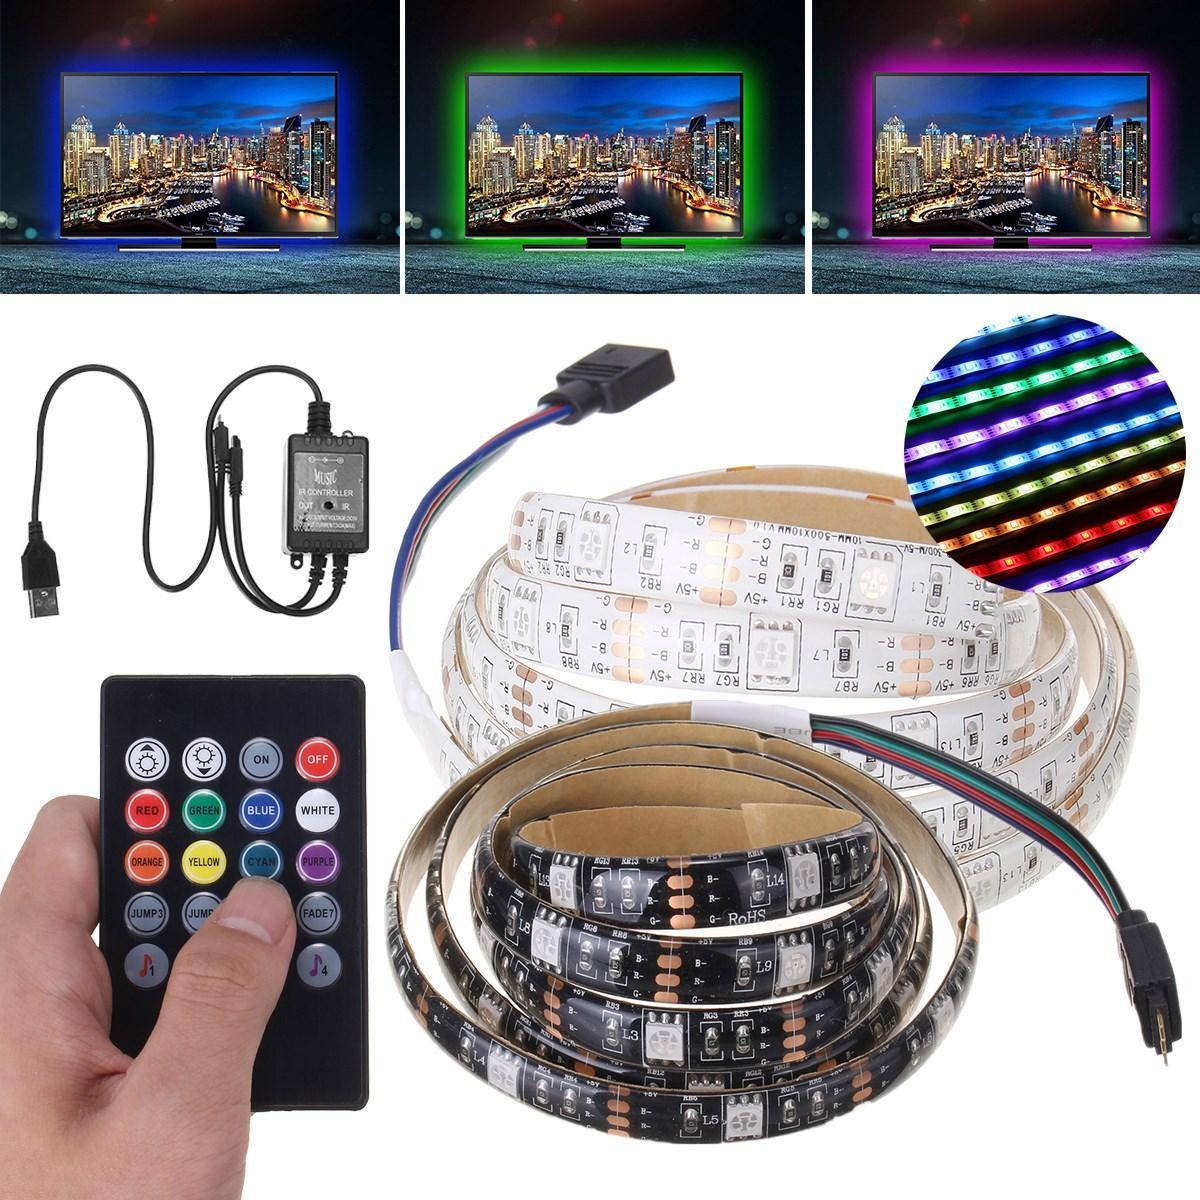 Đèn led chống nước PCB 1M SMD 5050 RGB Điều khiển giọng nói 30LED Dải đèn nền cho TV